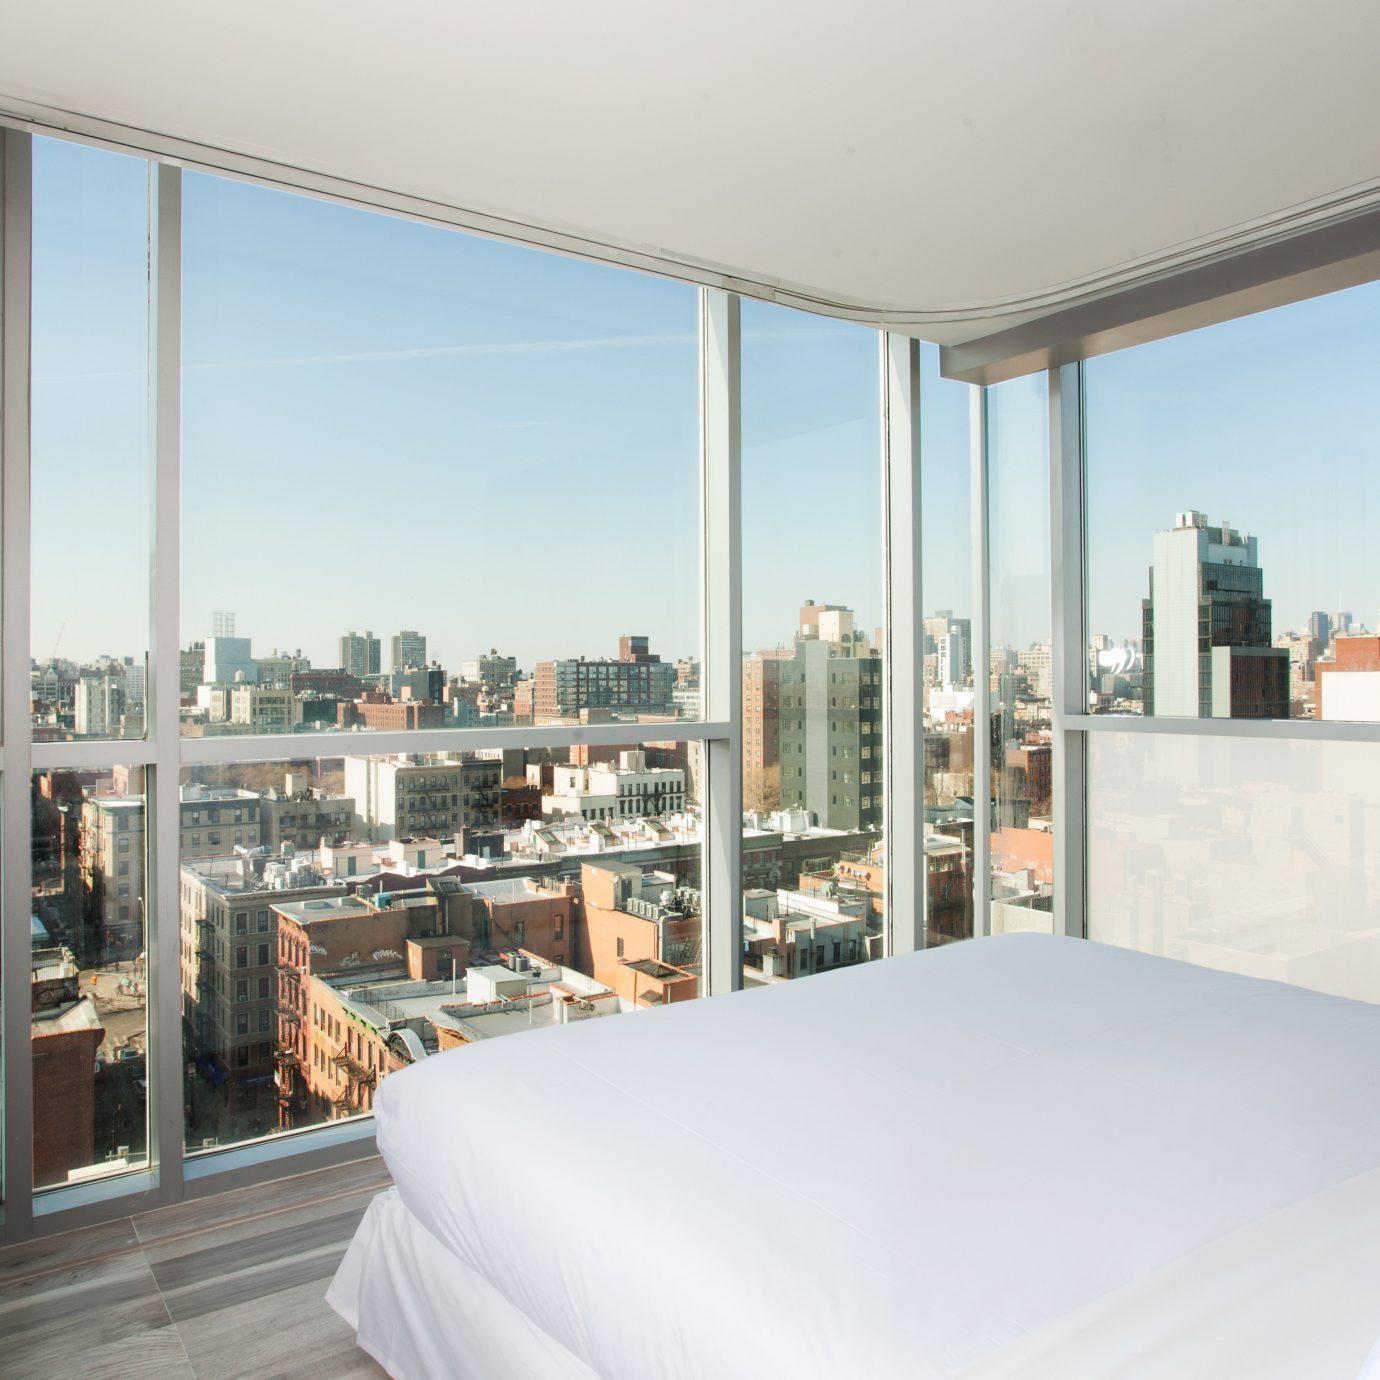 Bedroom City Offbeat Scenic views Suite property home living room condominium overlooking